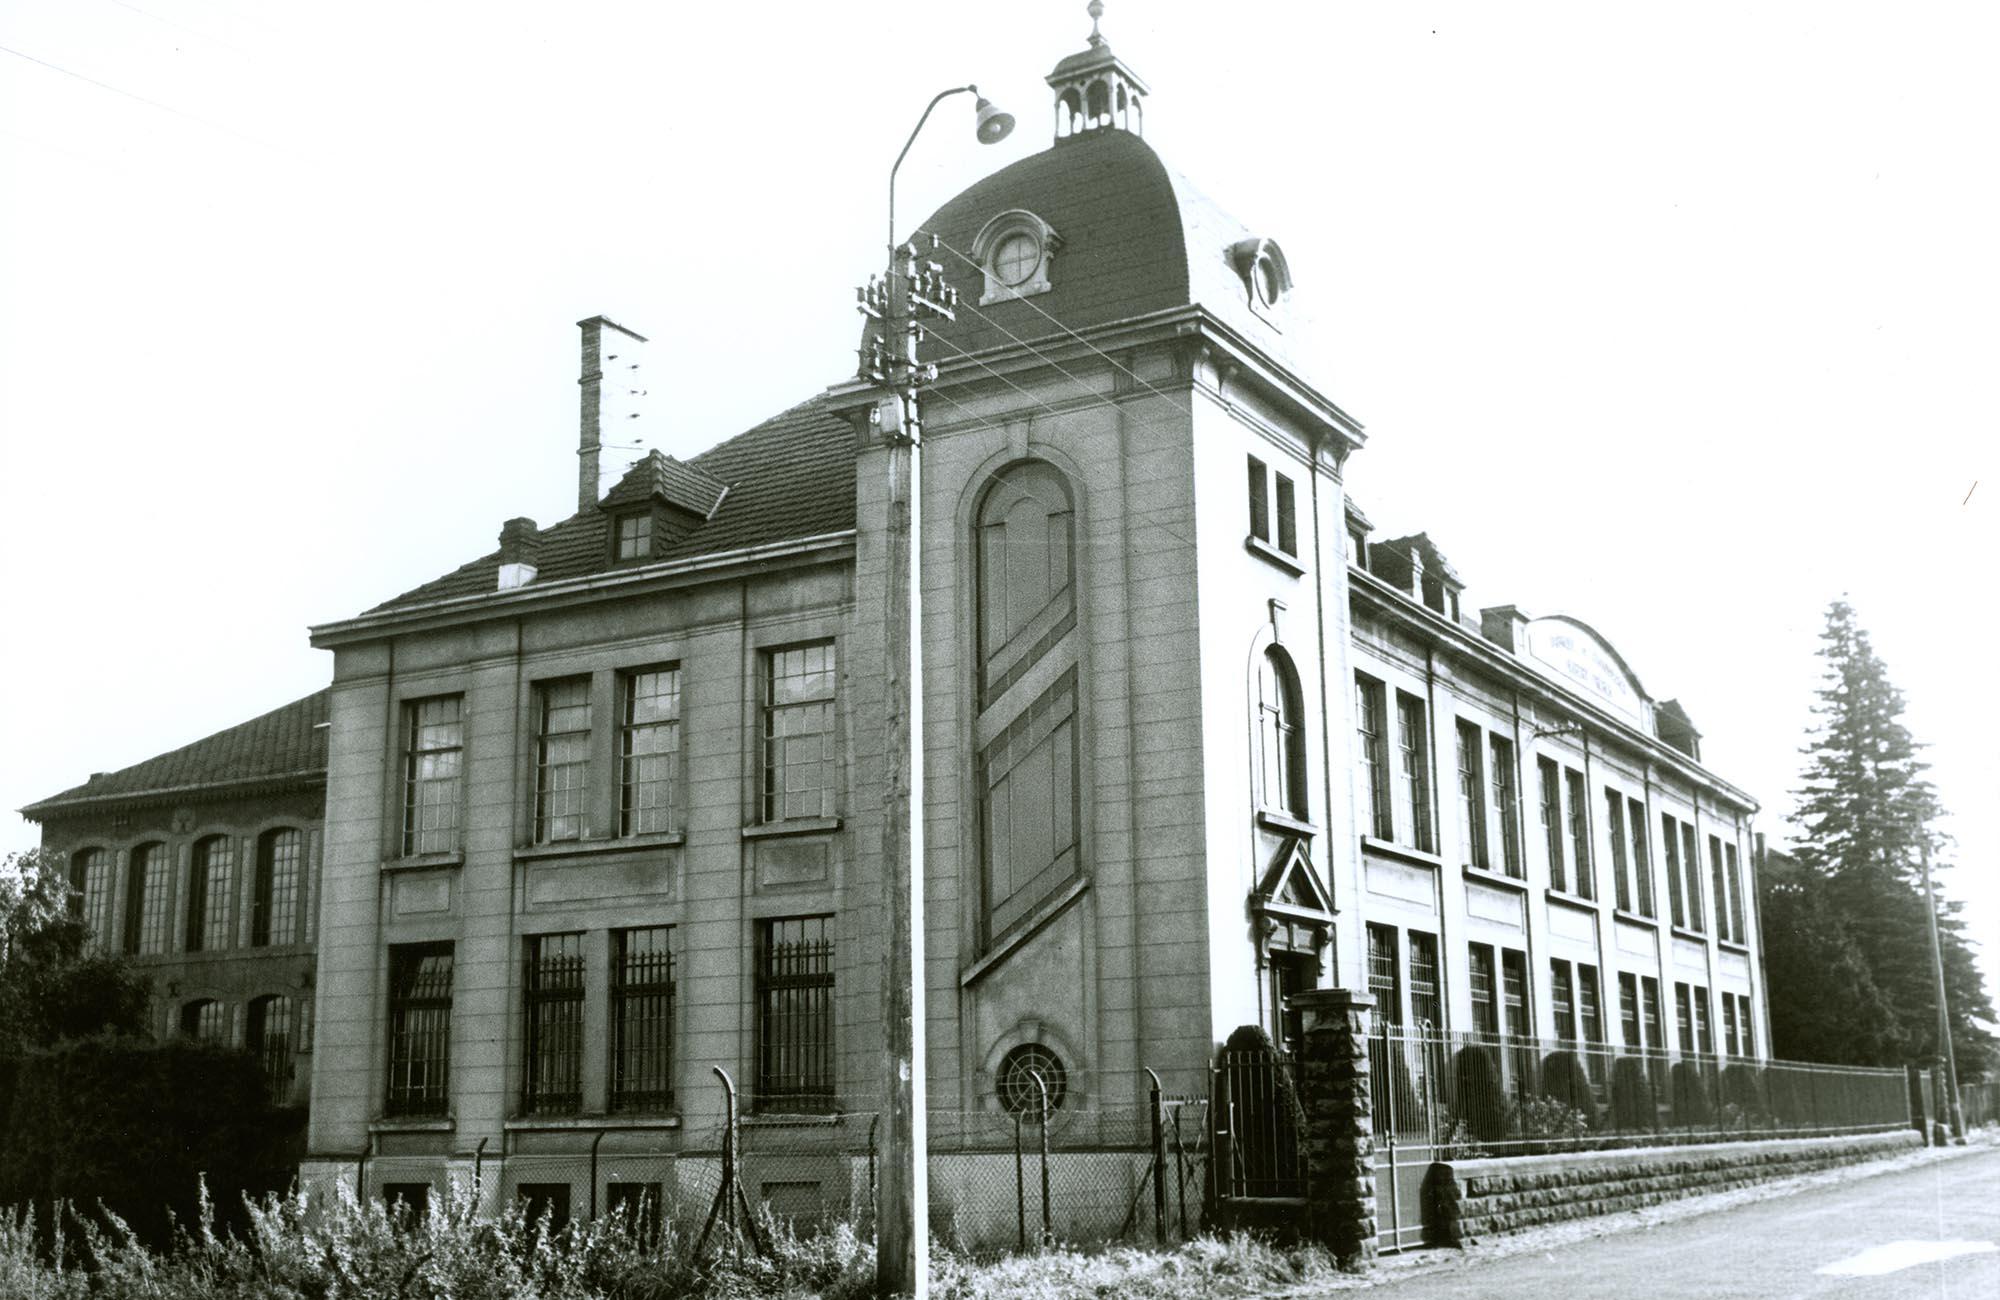 Le bâtiment central de la fabrique de chaussures avec la tour emblématique dans les années soixante.